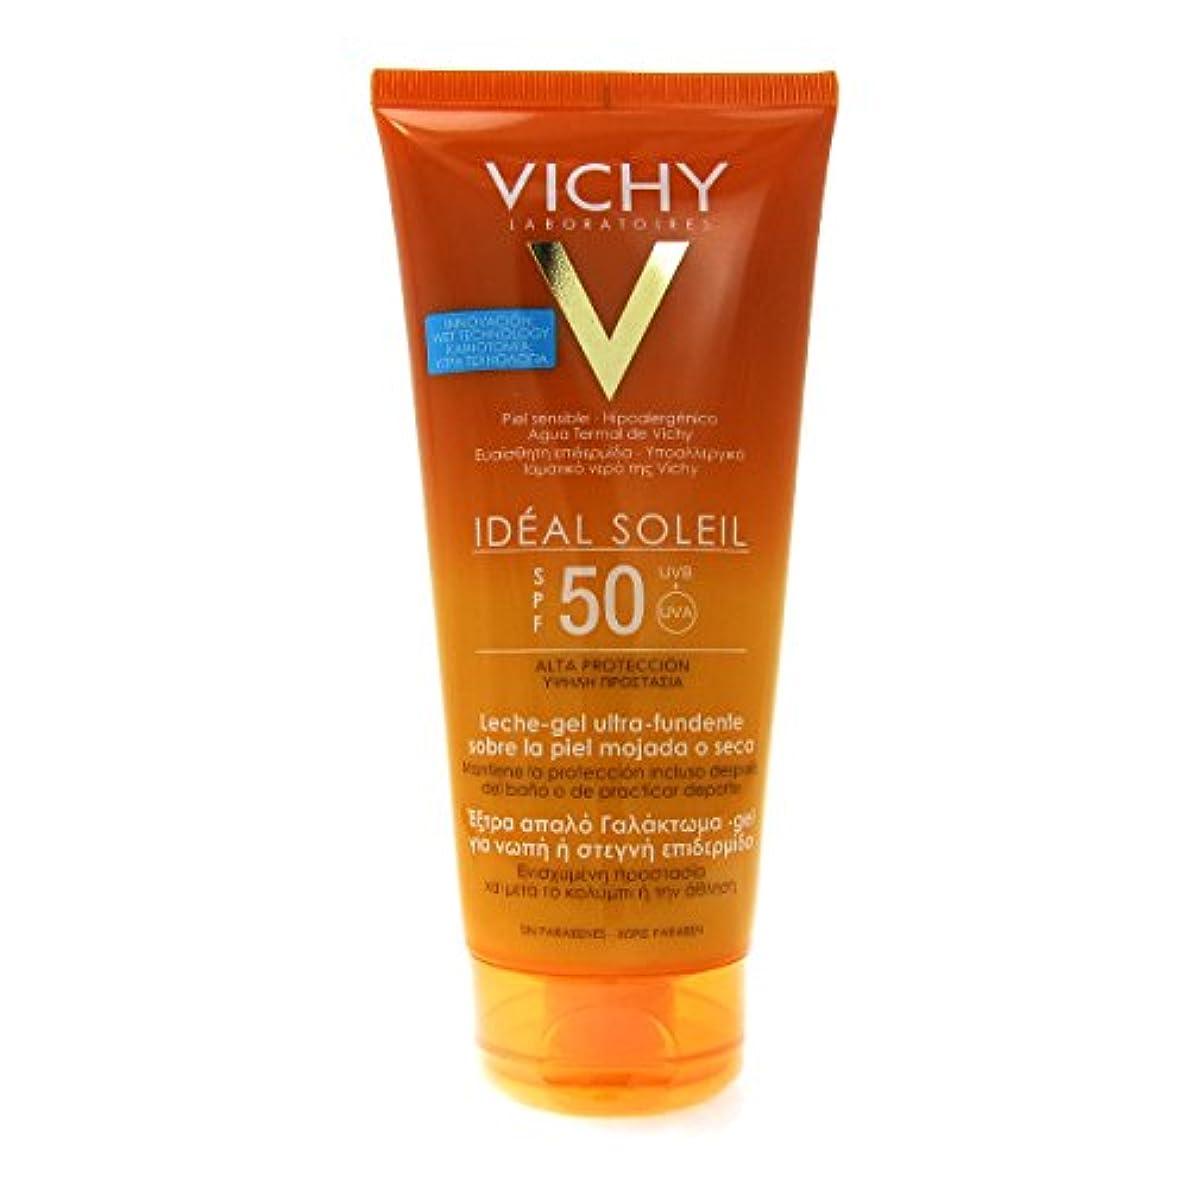 十二瞑想する七時半Vichy Capital Soleil Ideal Soleil Gel-cream Spf50 Face And Body 200ml [並行輸入品]